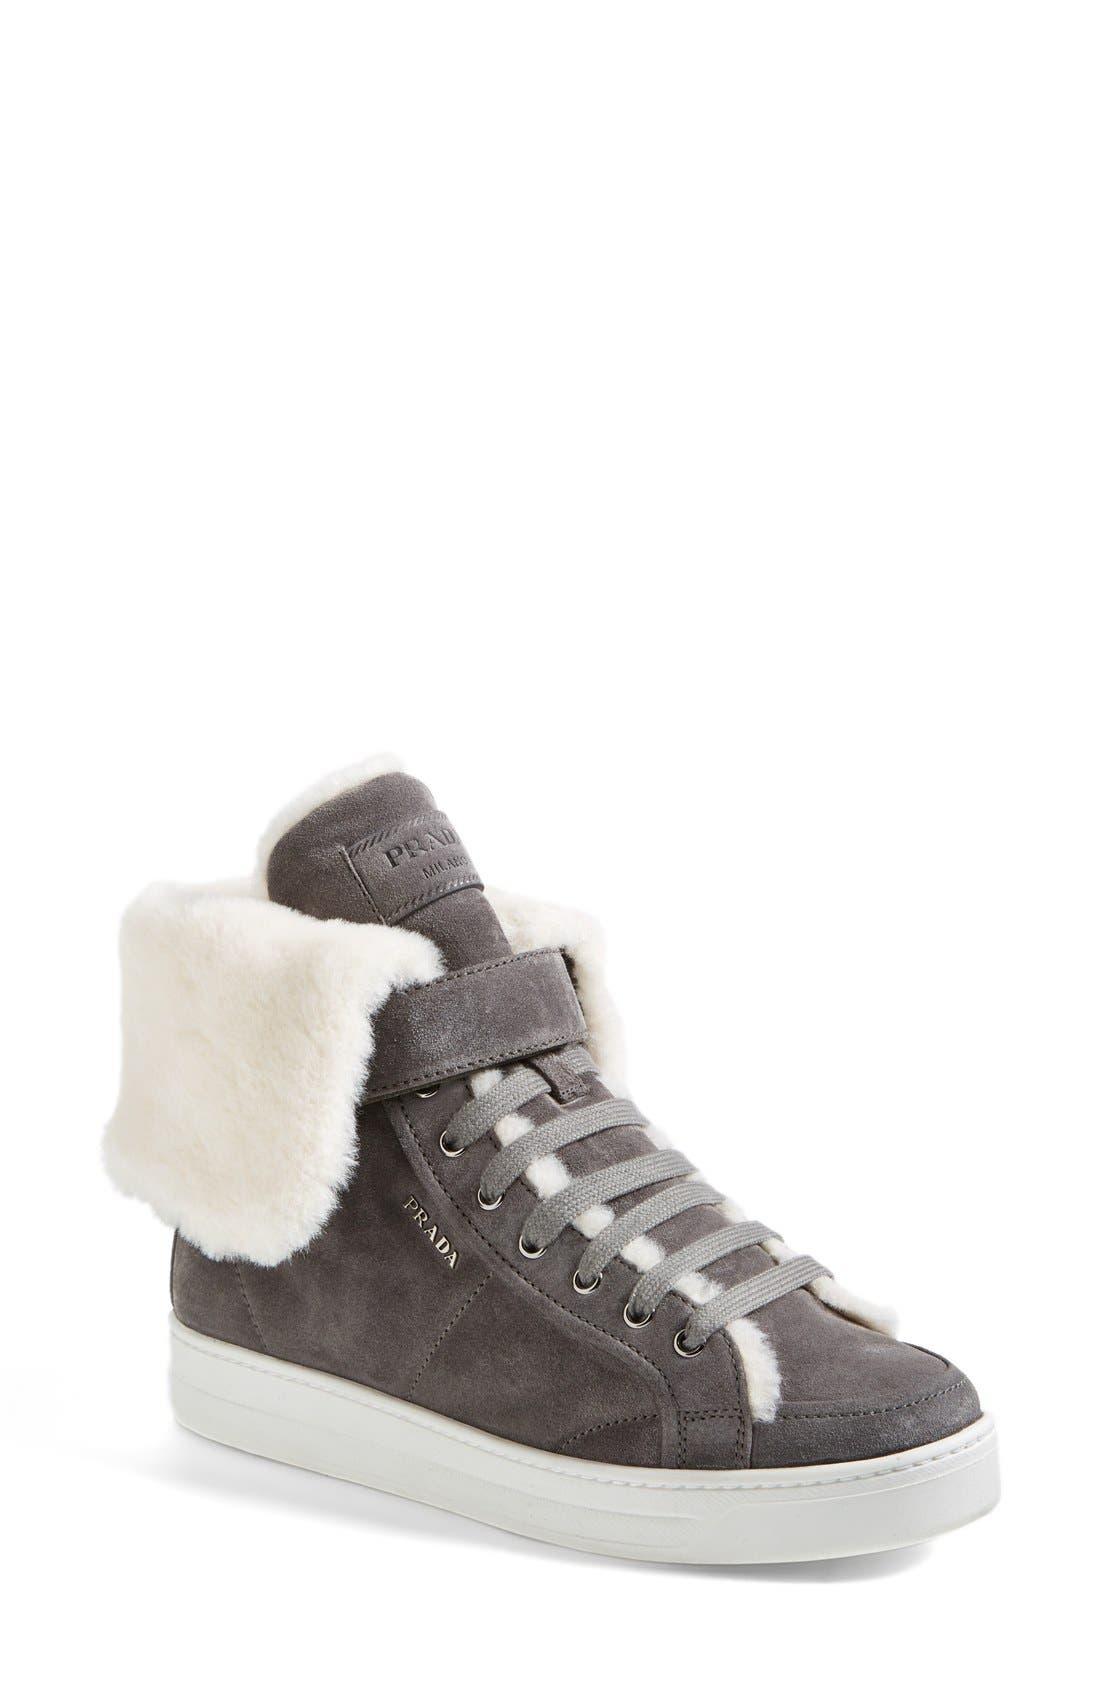 Main Image - Prada Faux Shearling Sneaker (Women)